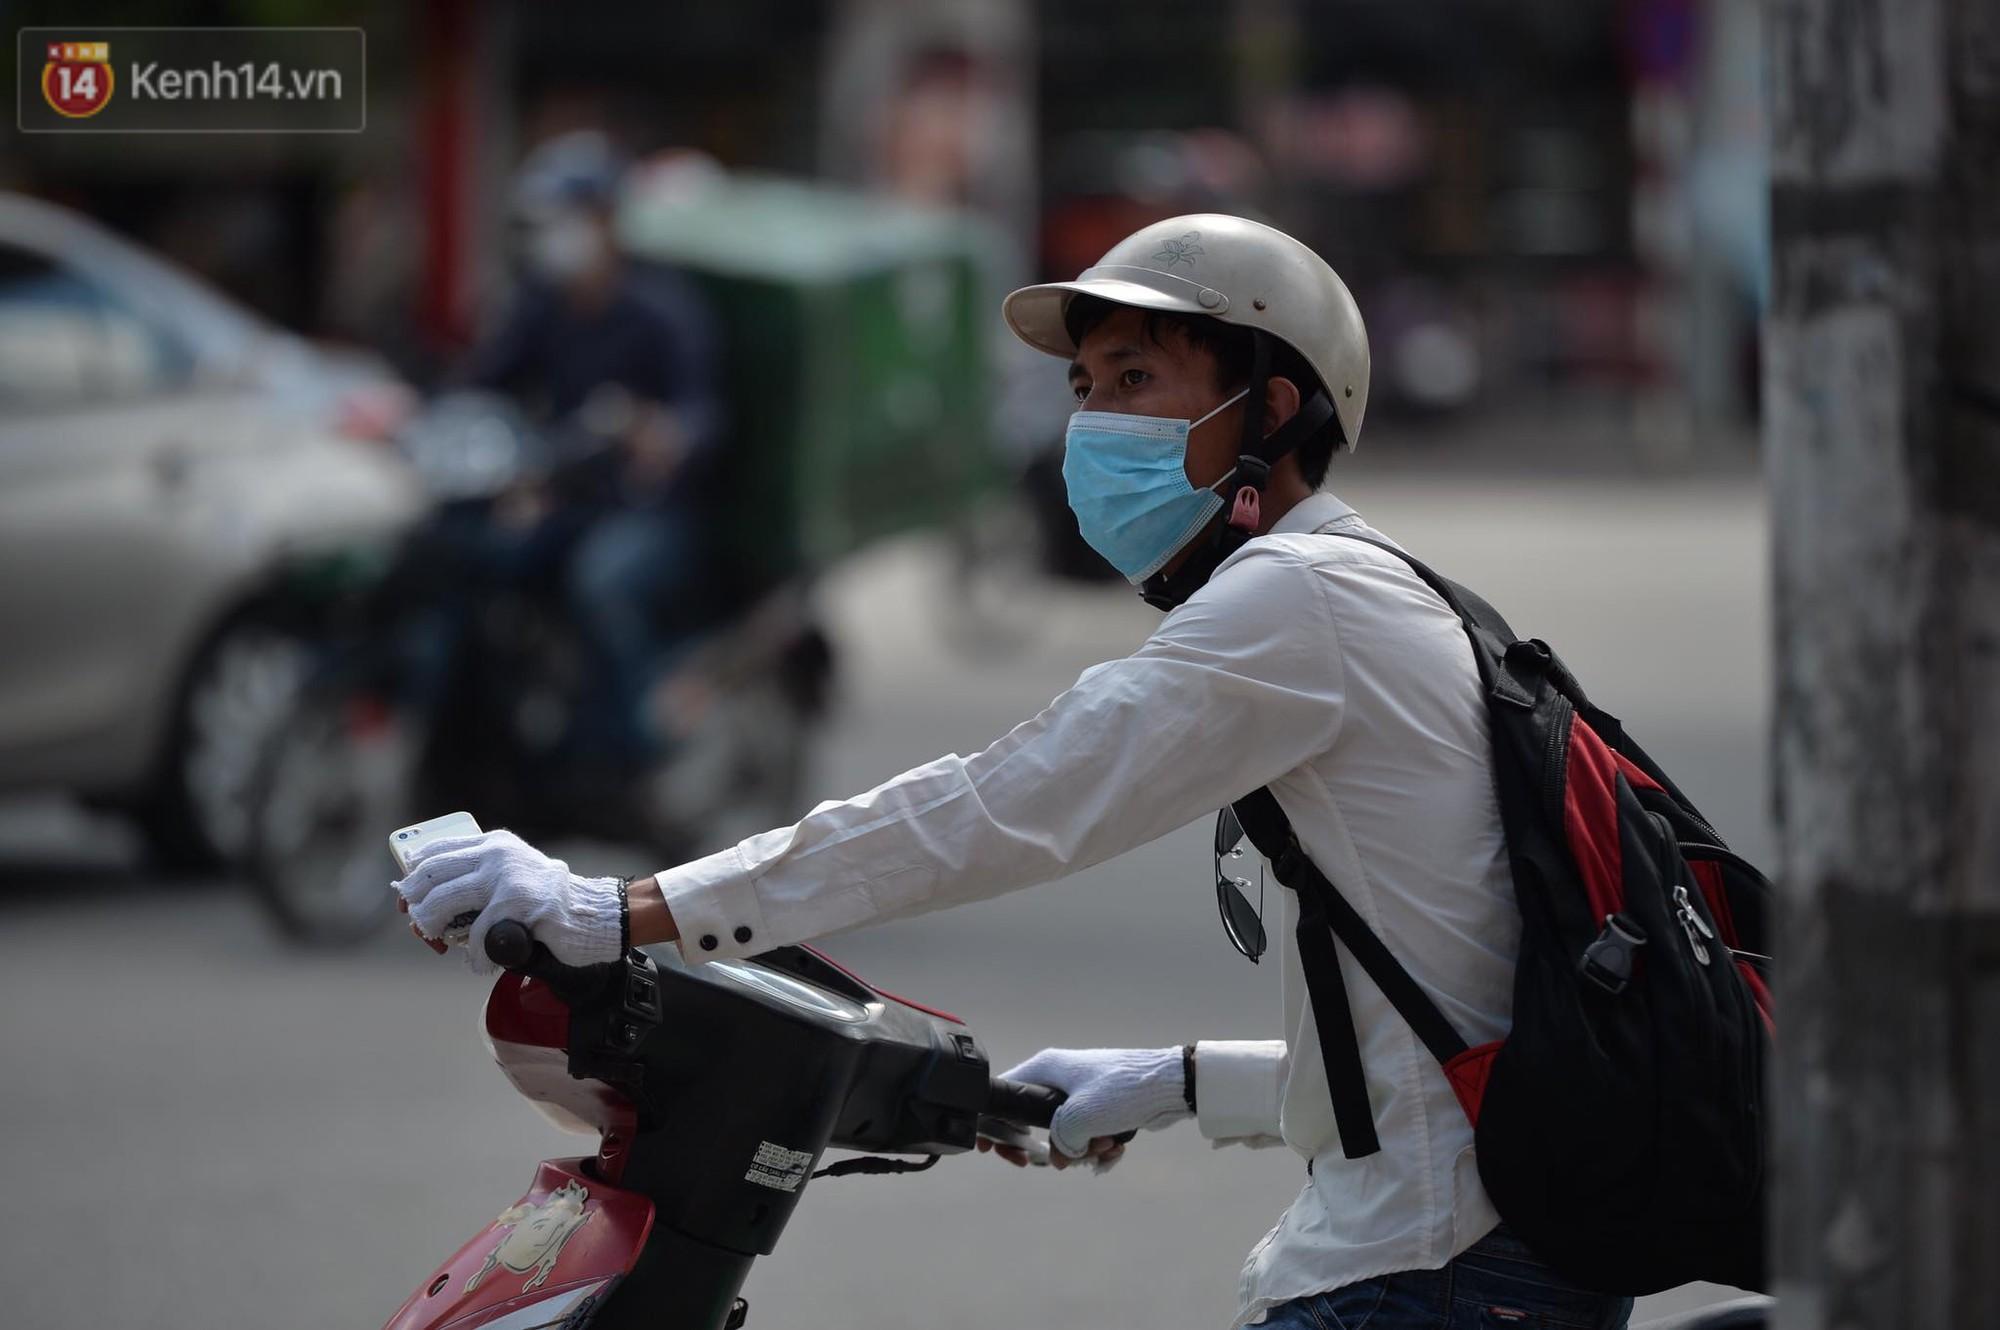 Phố đi bộ vắng tanh gần cuối giờ chiều, nhiệt độ đỉnh điểm ở Hà Nội lên tới 44 độ C 10